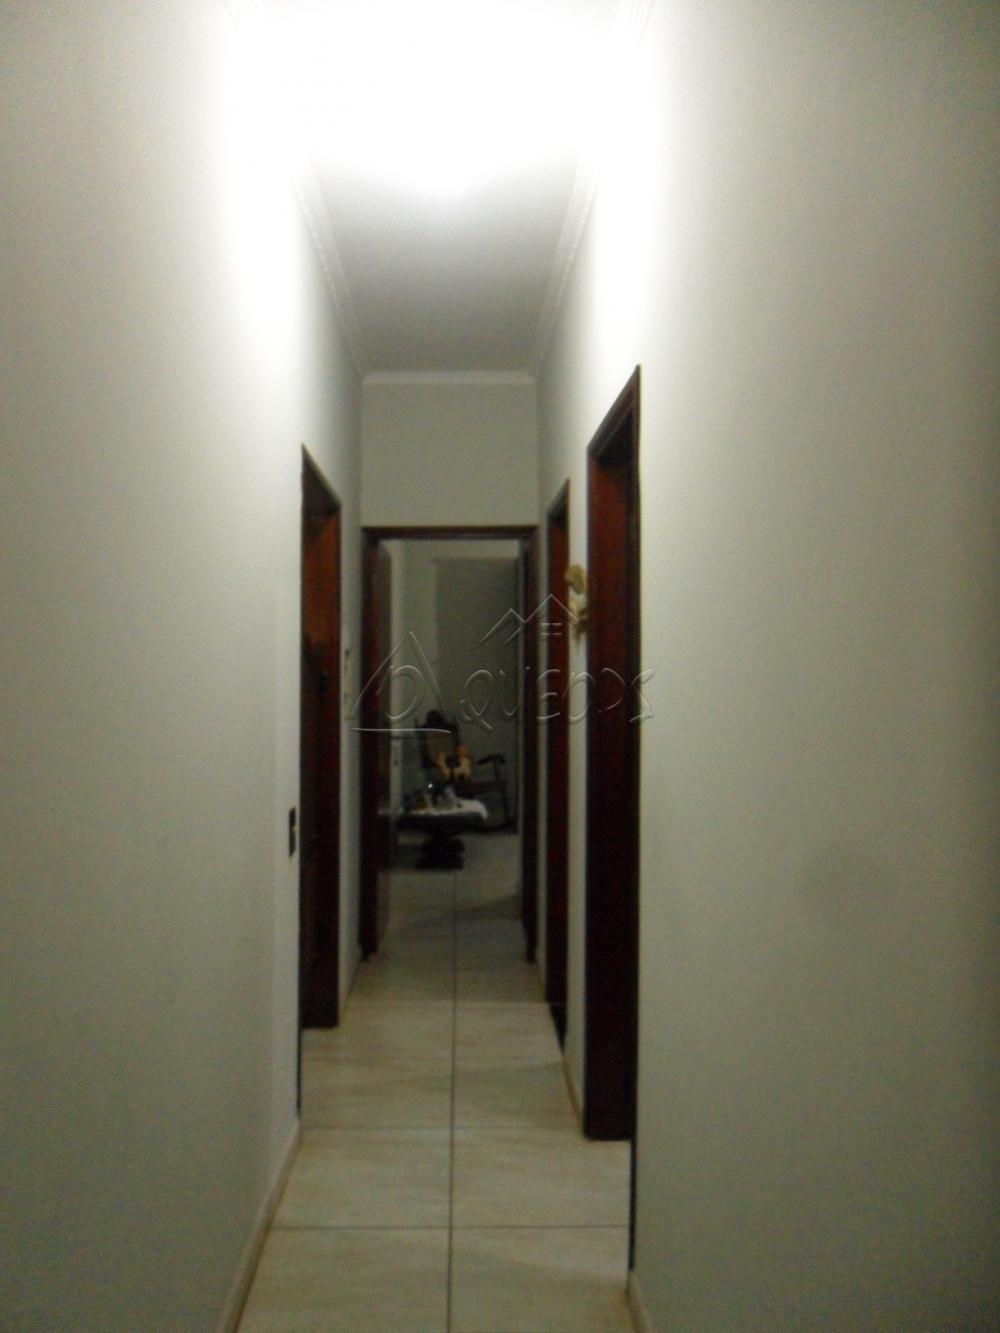 Comprar Casa / Padrão em Barretos apenas R$ 450.000,00 - Foto 11